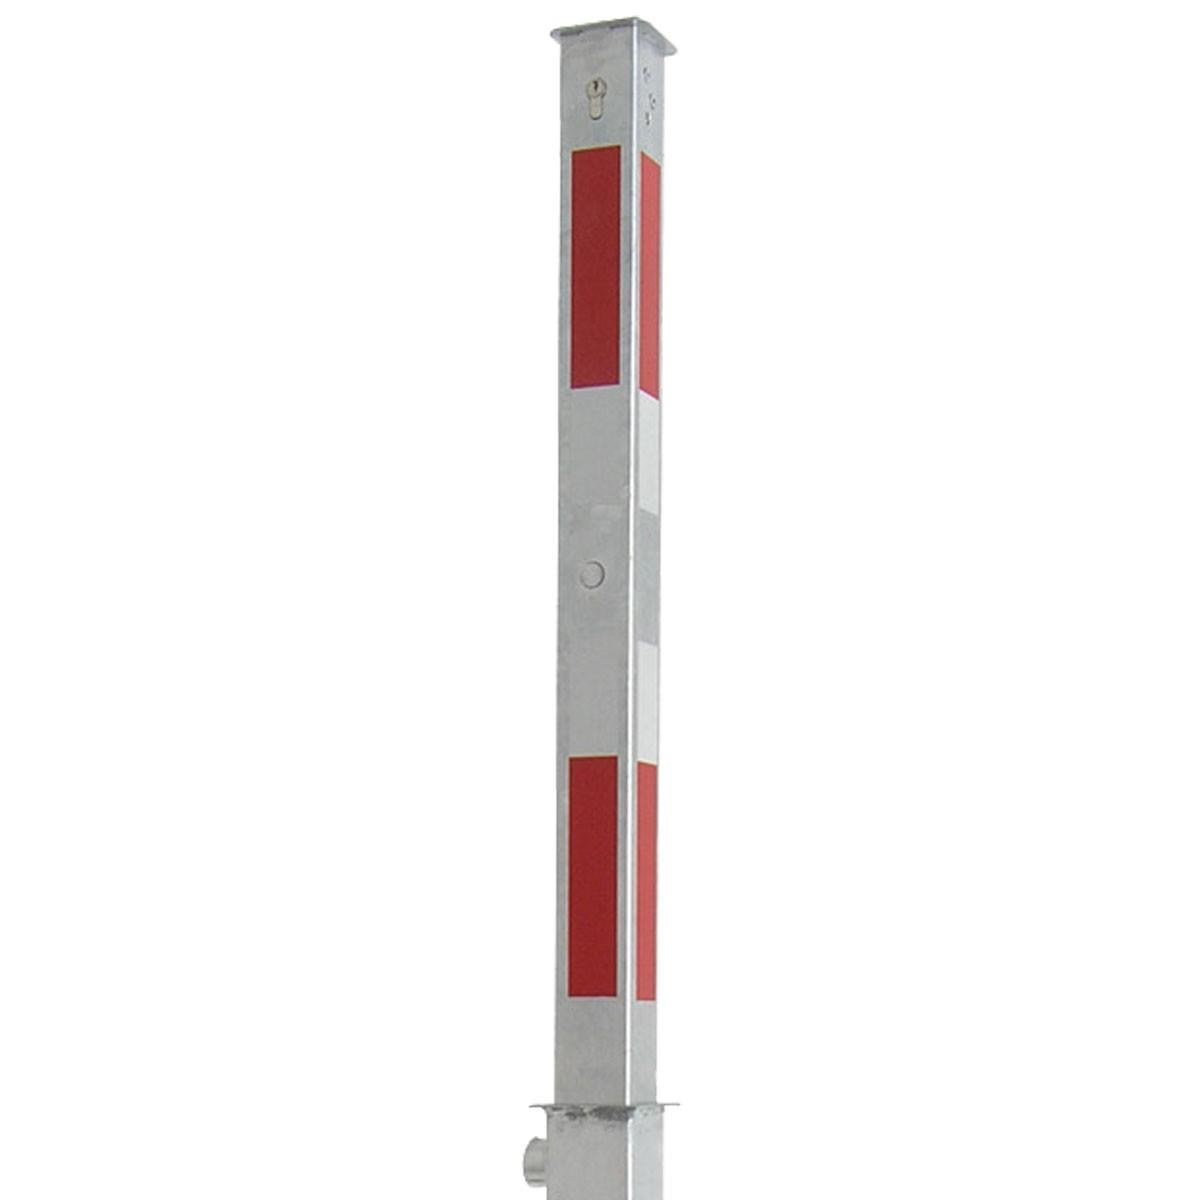 Absperrpfosten 70 x 70 mm Stahlrohr feuerverzinkt mit weiß rot Leuchtstreifen vollversenkbar mit Profilzylinderschloss